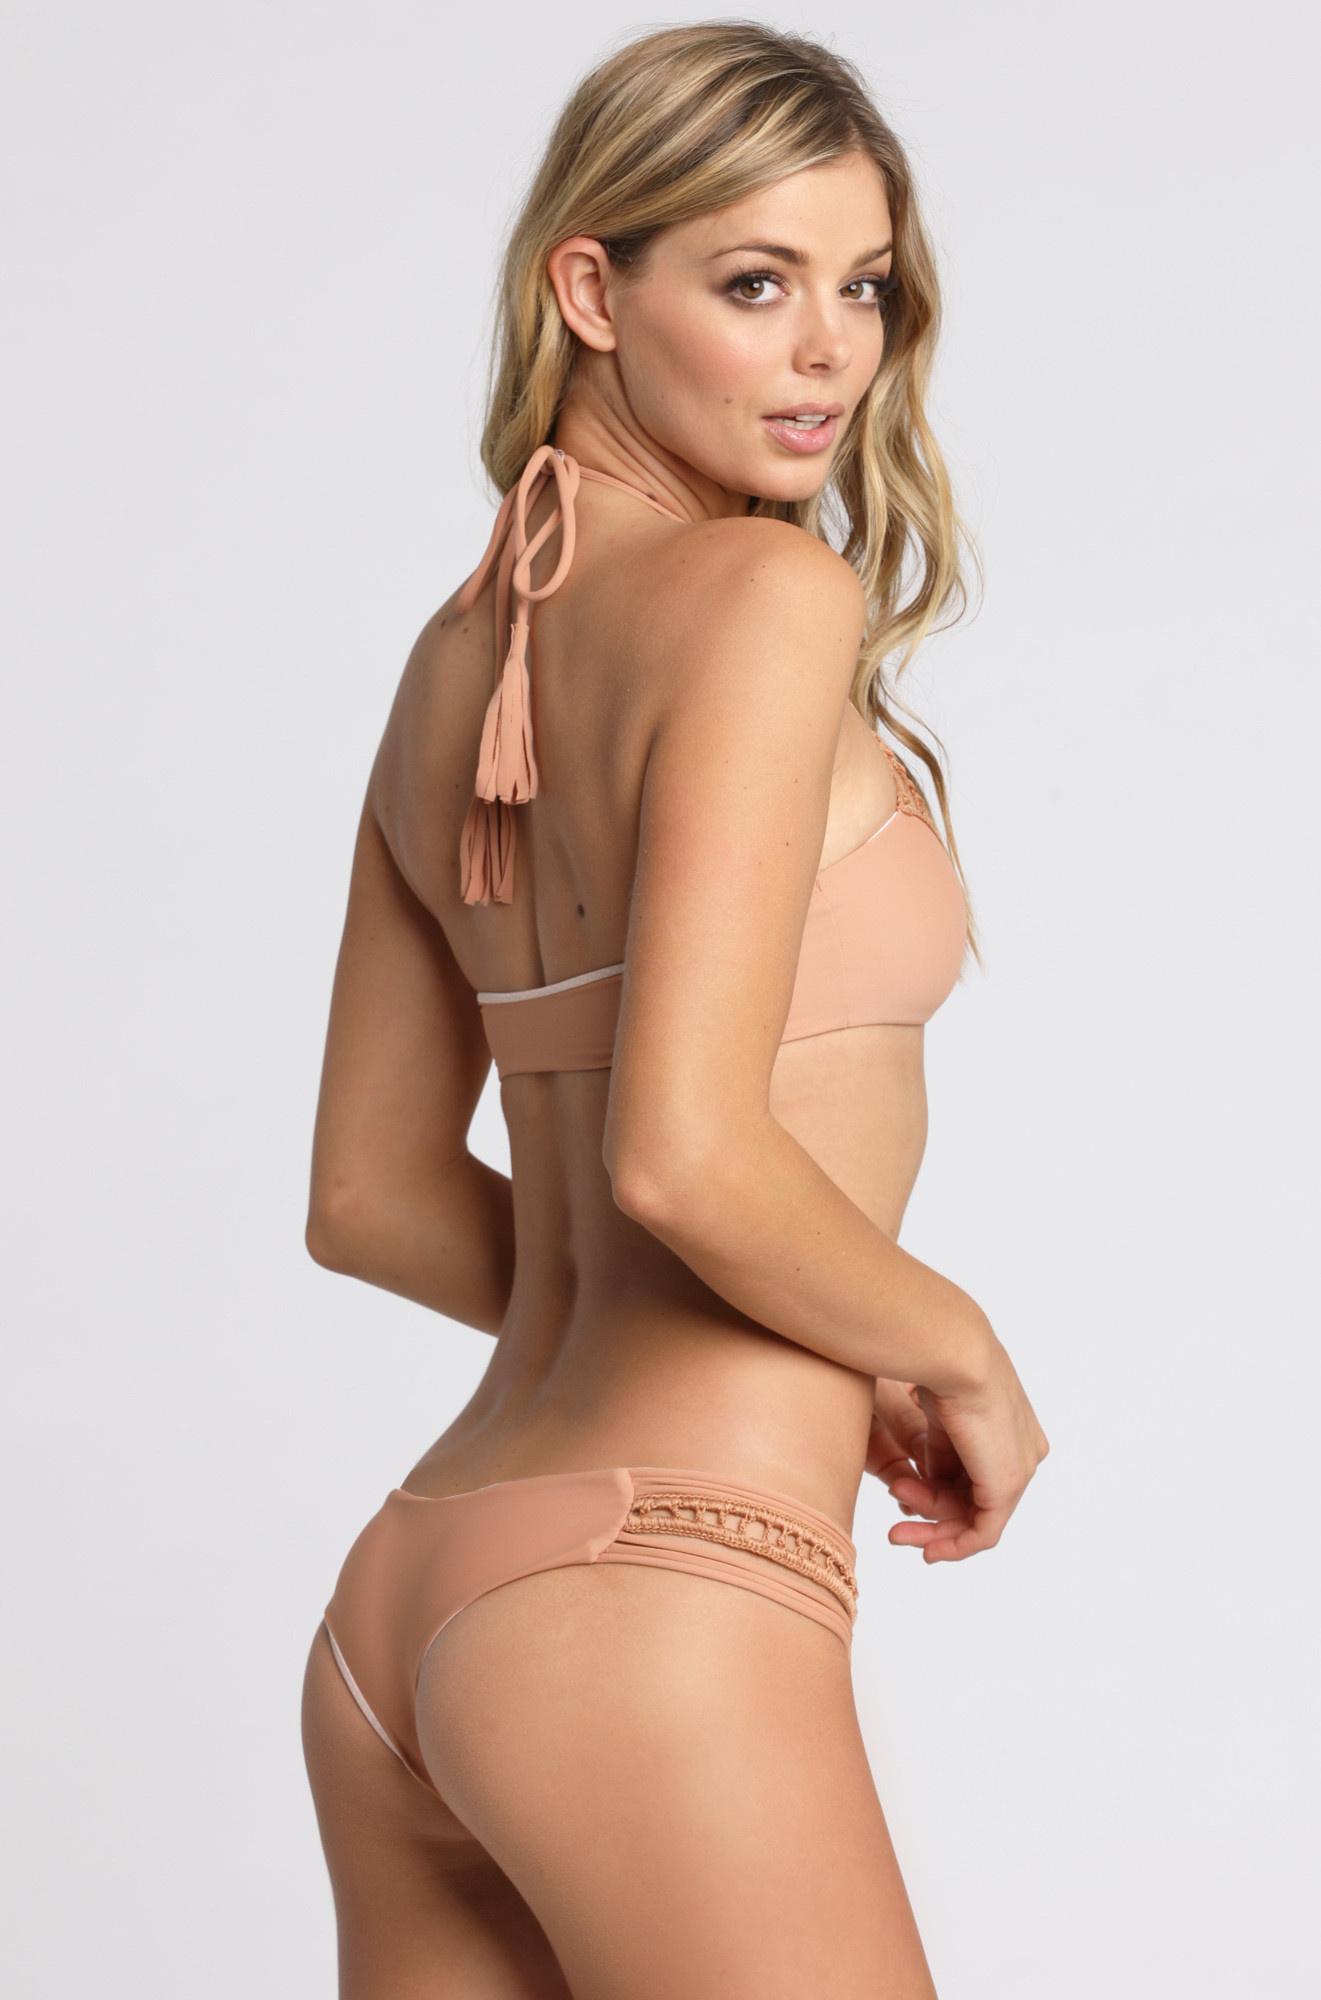 Hot Danielle Knudson nude photos 2019